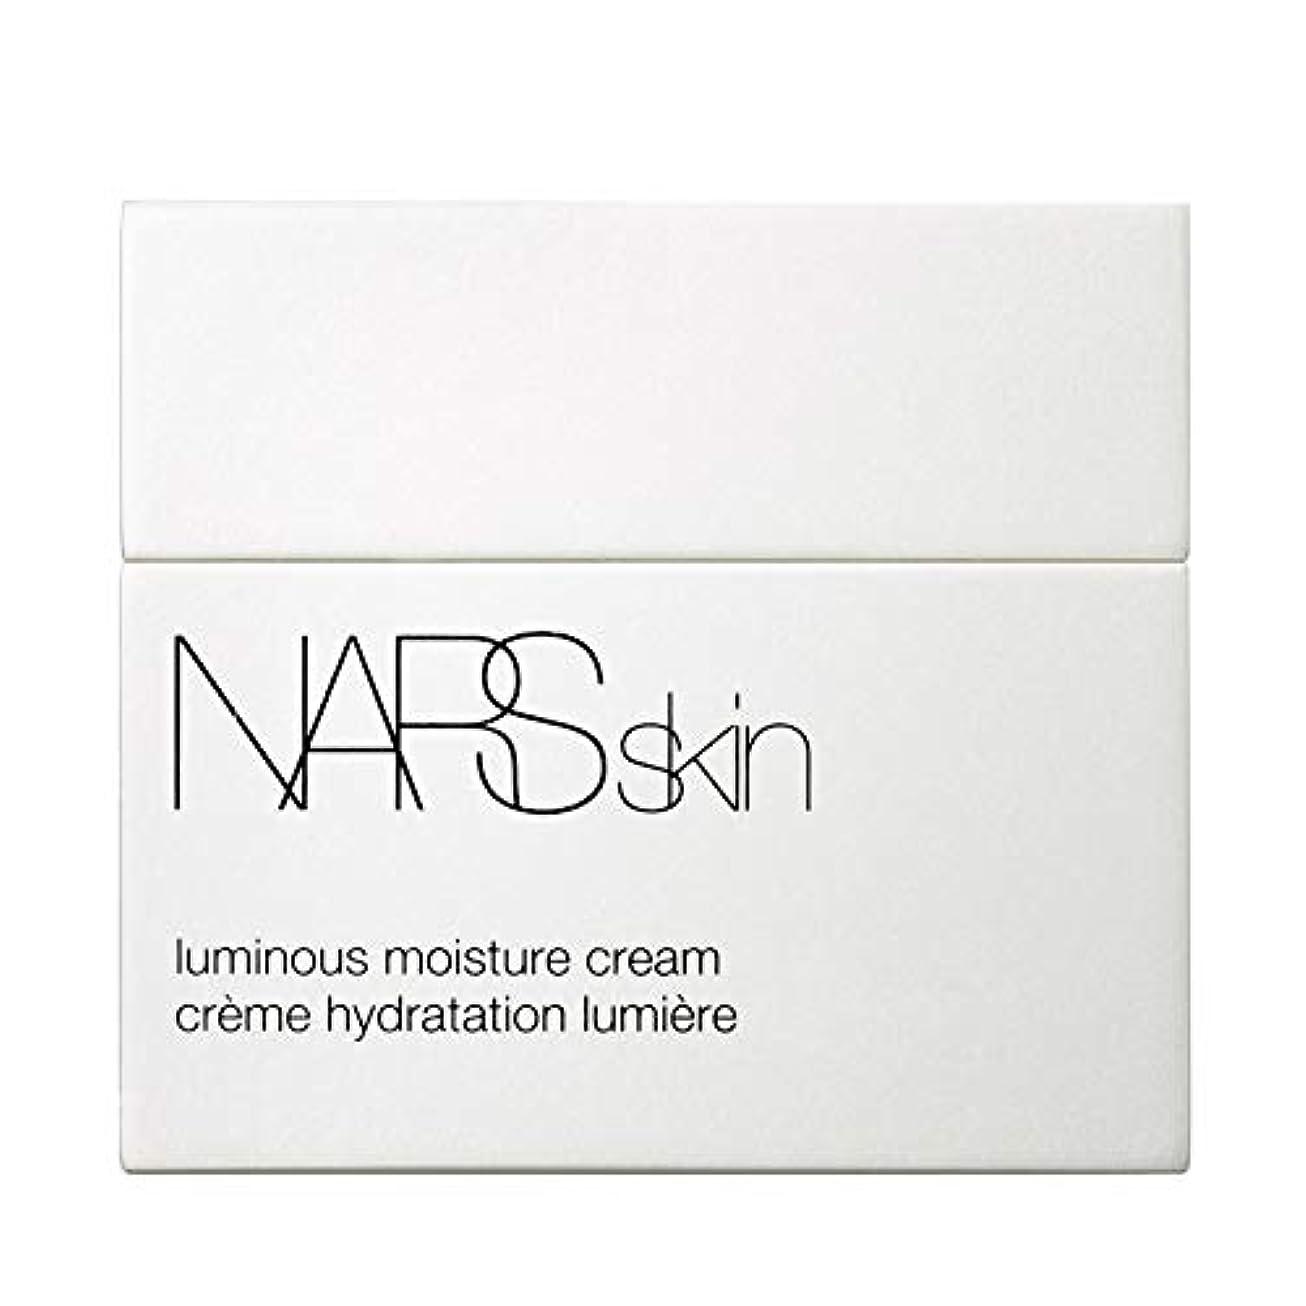 海里湖気味の悪い[NARS] Narは発光水分クリーム - Nars Luminous Moisture Cream [並行輸入品]